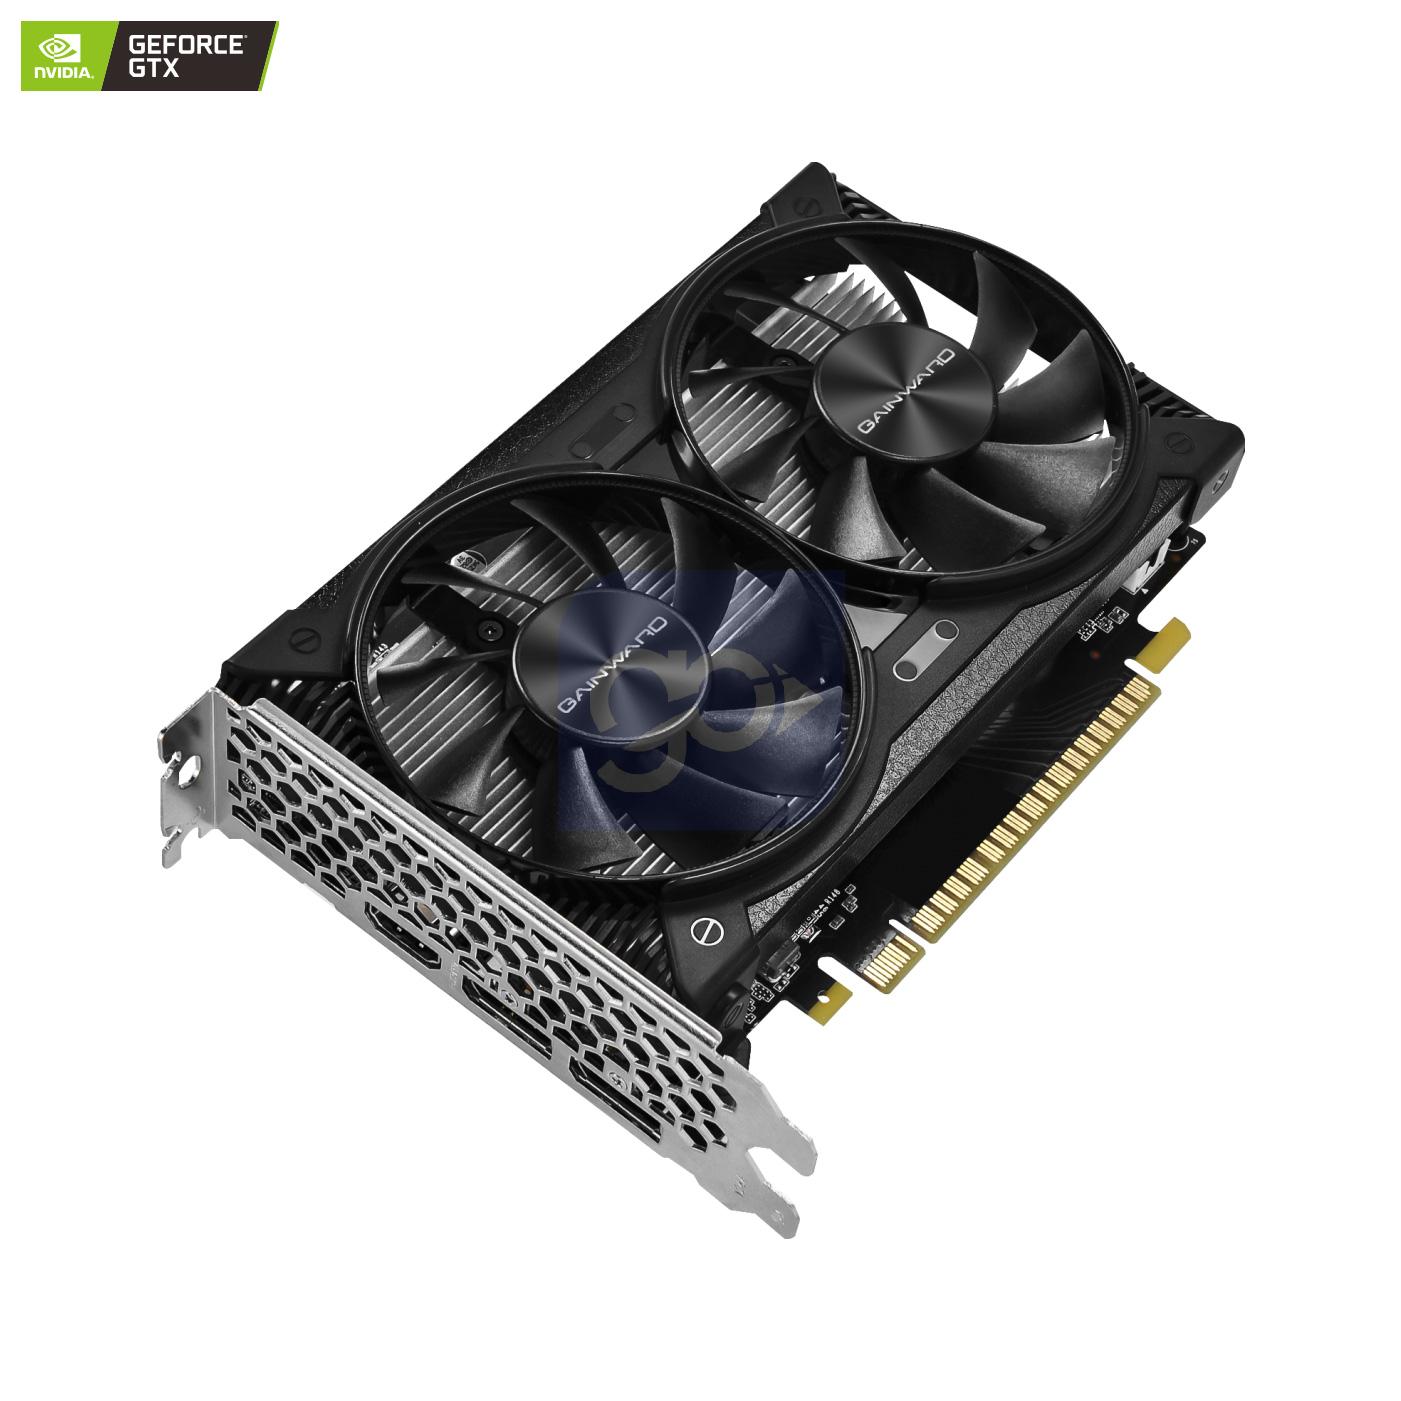 Placa de Vídeo Gainward NVIDIA GeForce GTX 1650 Ghost, 4GB, GDDR6 - NE6165001BG1-1175D  - GO AUTOMAÇÃO